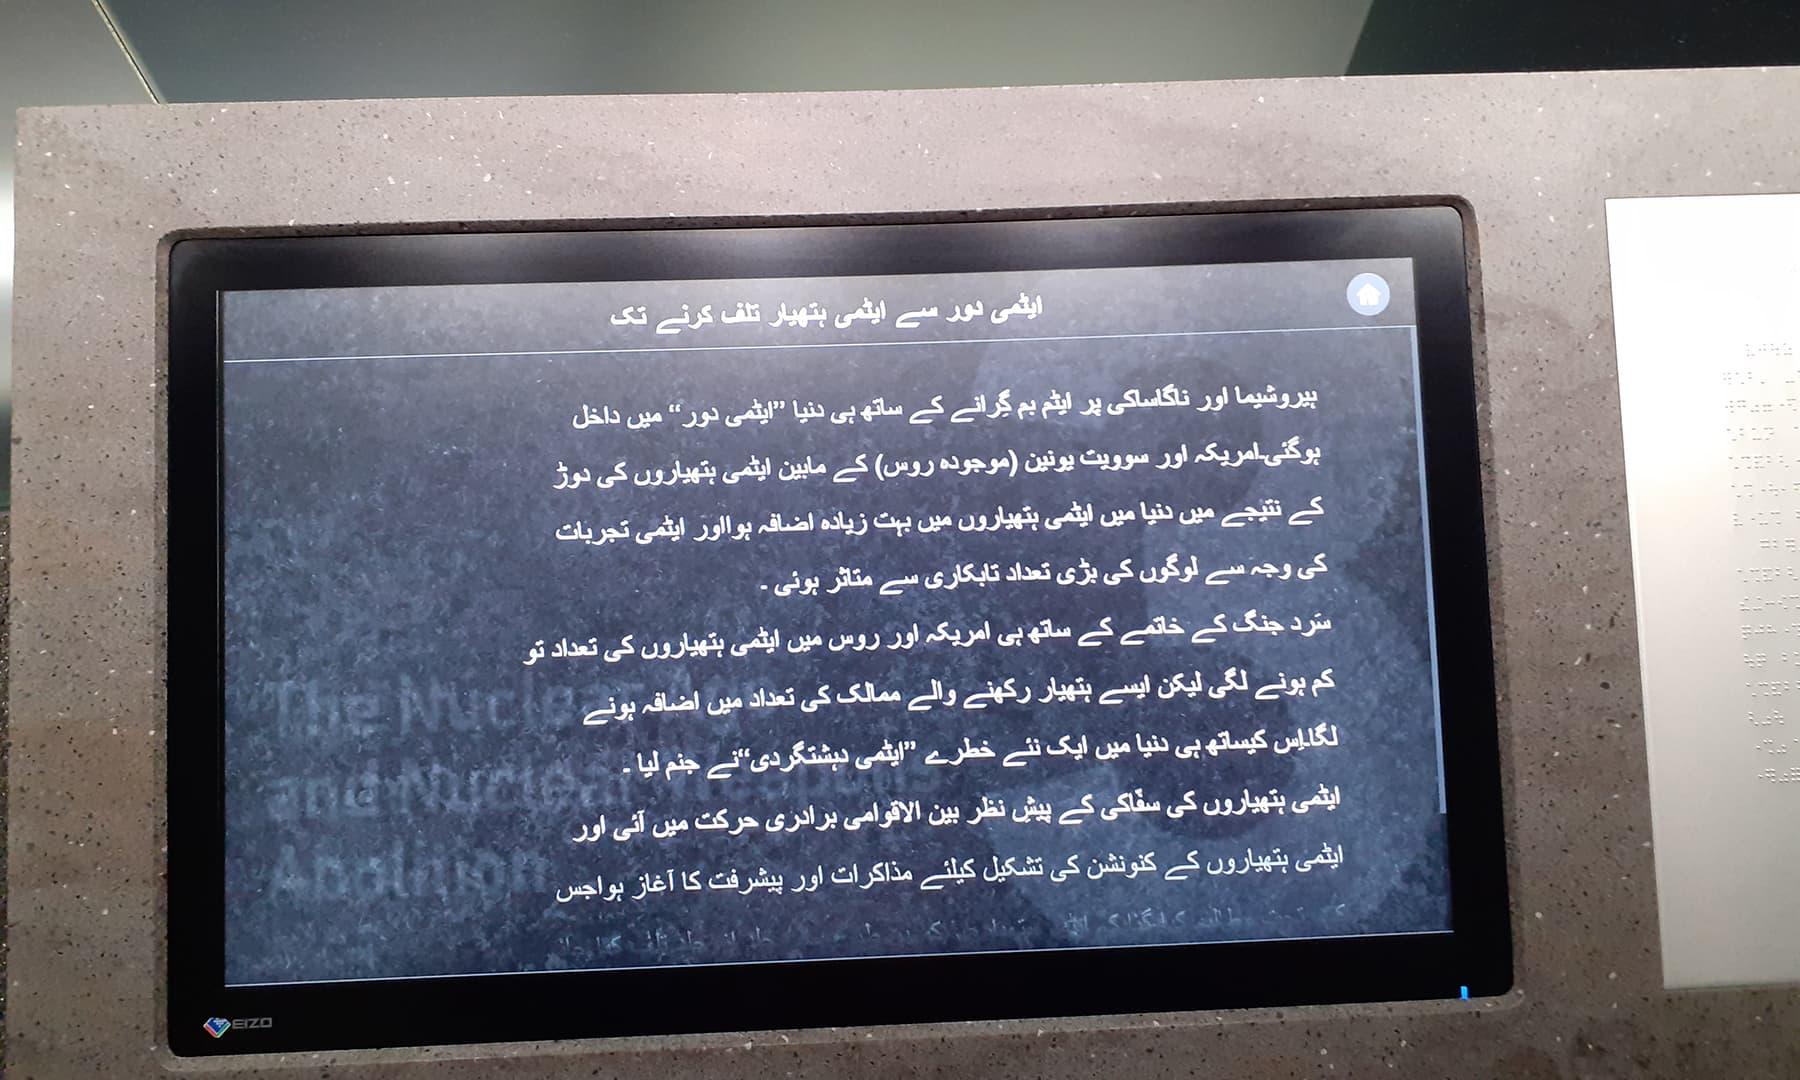 دنیا کی چند منتخب زبانوں میں میوزیم کے بارے میں جانا جاسکتا ہے اور اردو زبان بھی ان چند زبانوں میں شامل ہے